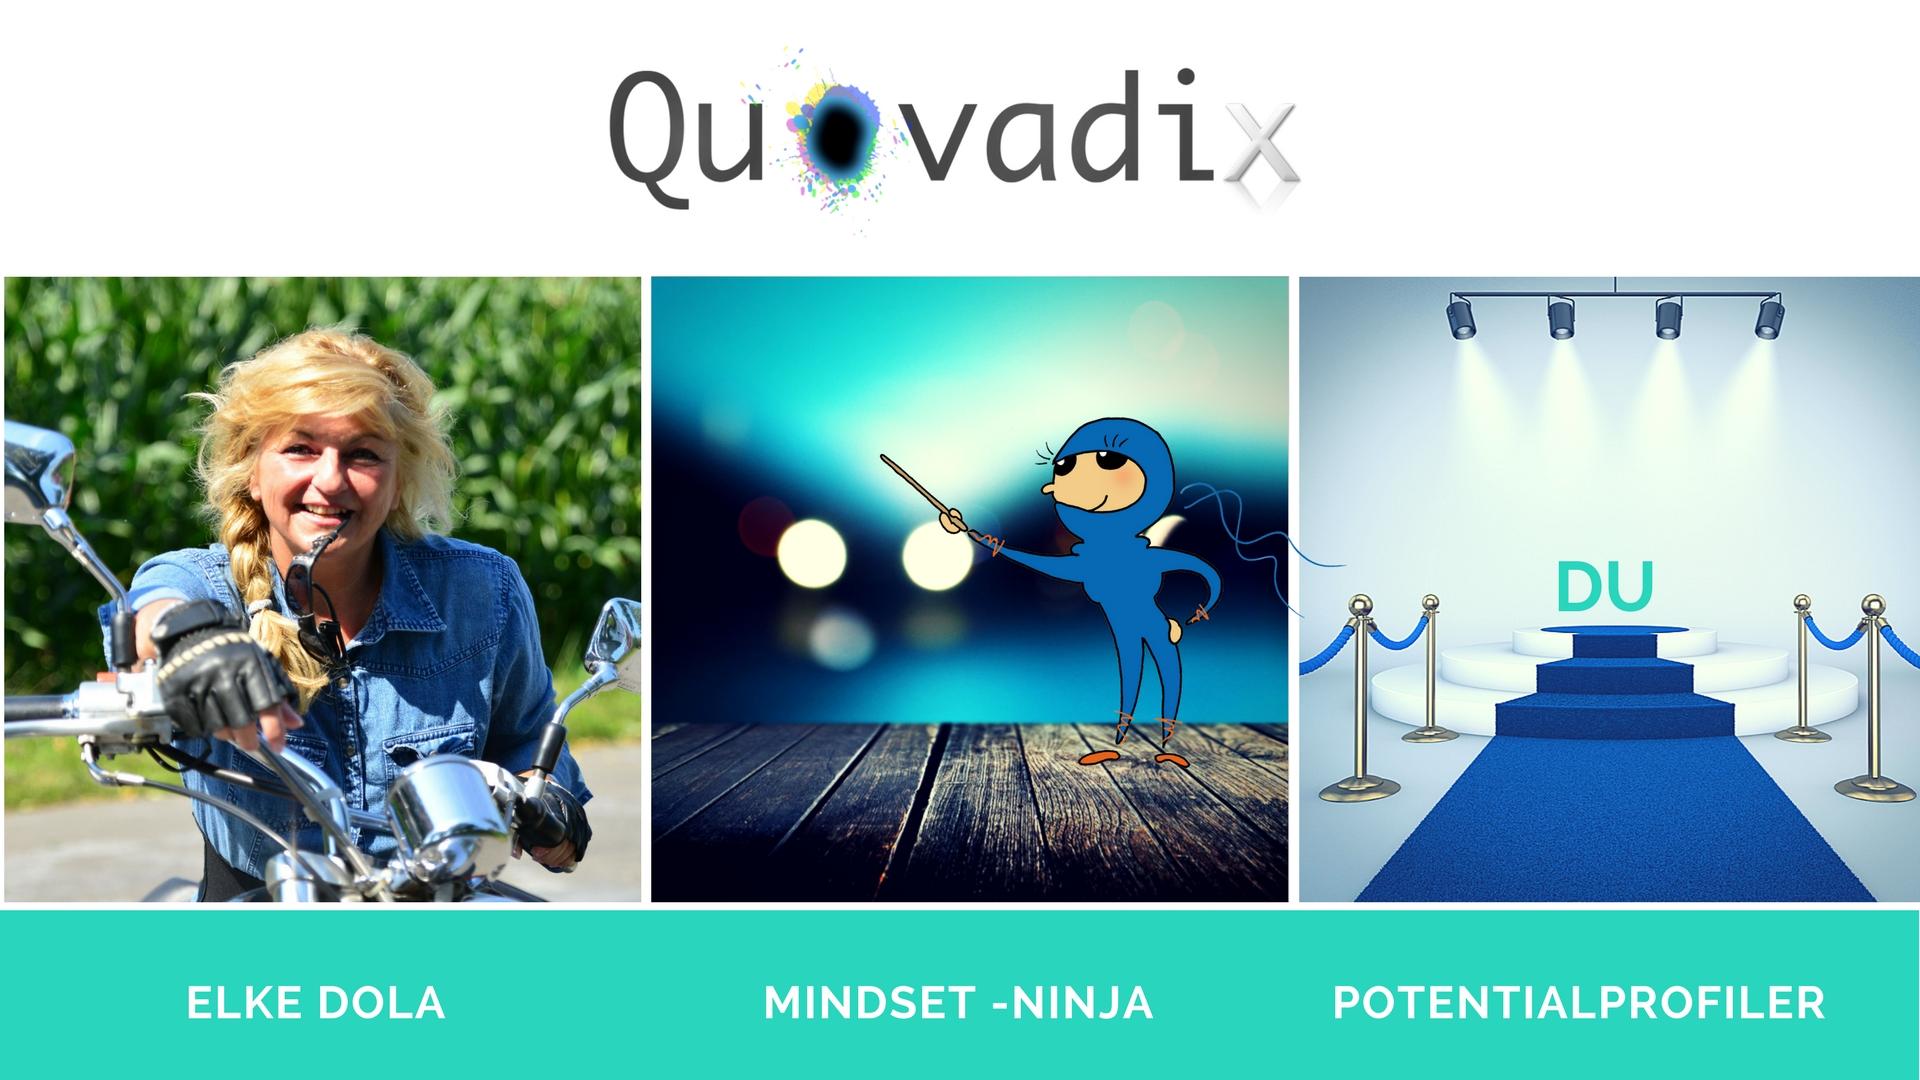 Das Bild zeigt mich, Elke Dola, auf meinem Motorrad und meinen blauen Mindset-Ninja